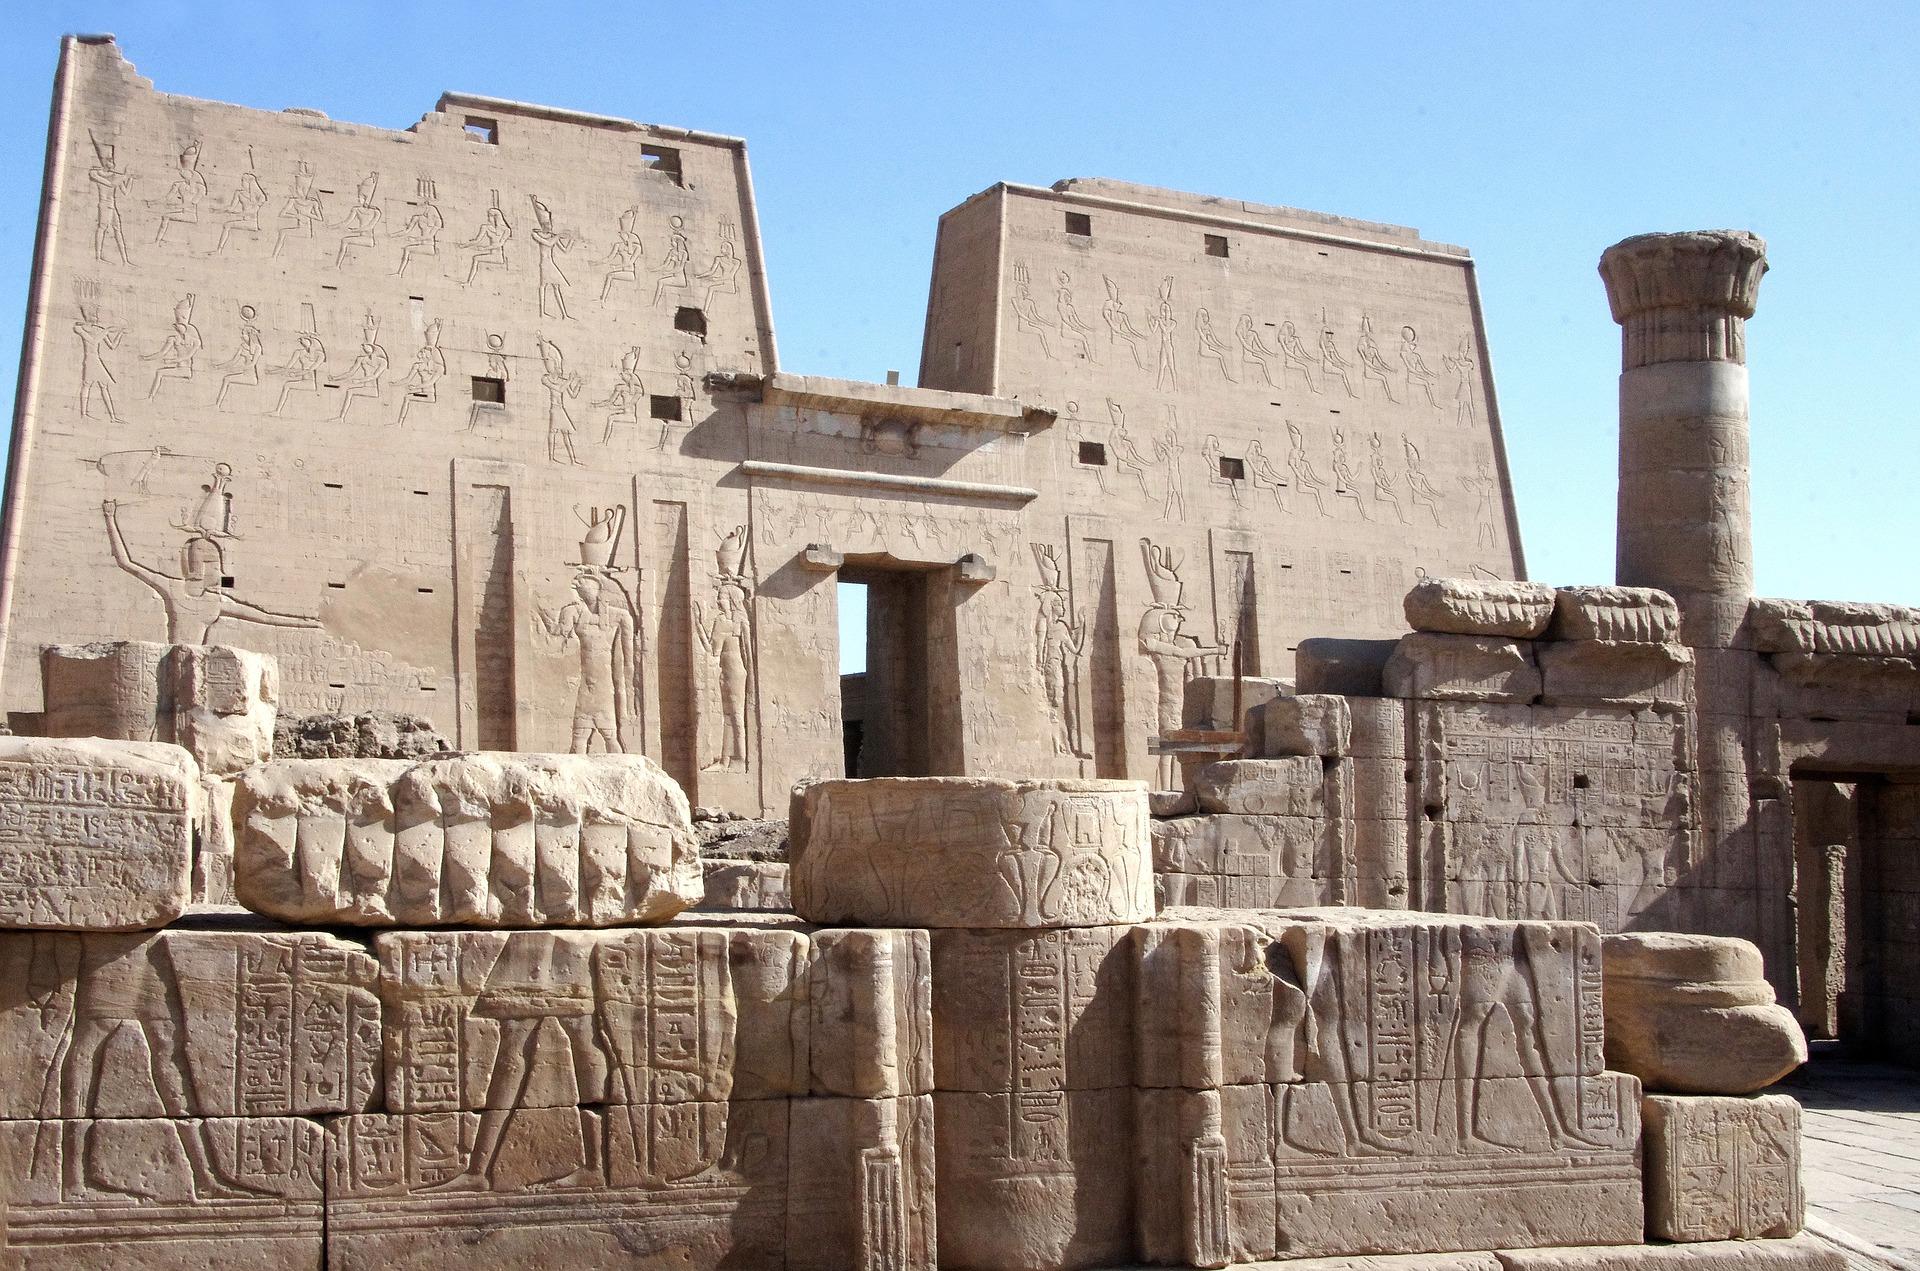 Edfu Tempat Menarik di Mesir